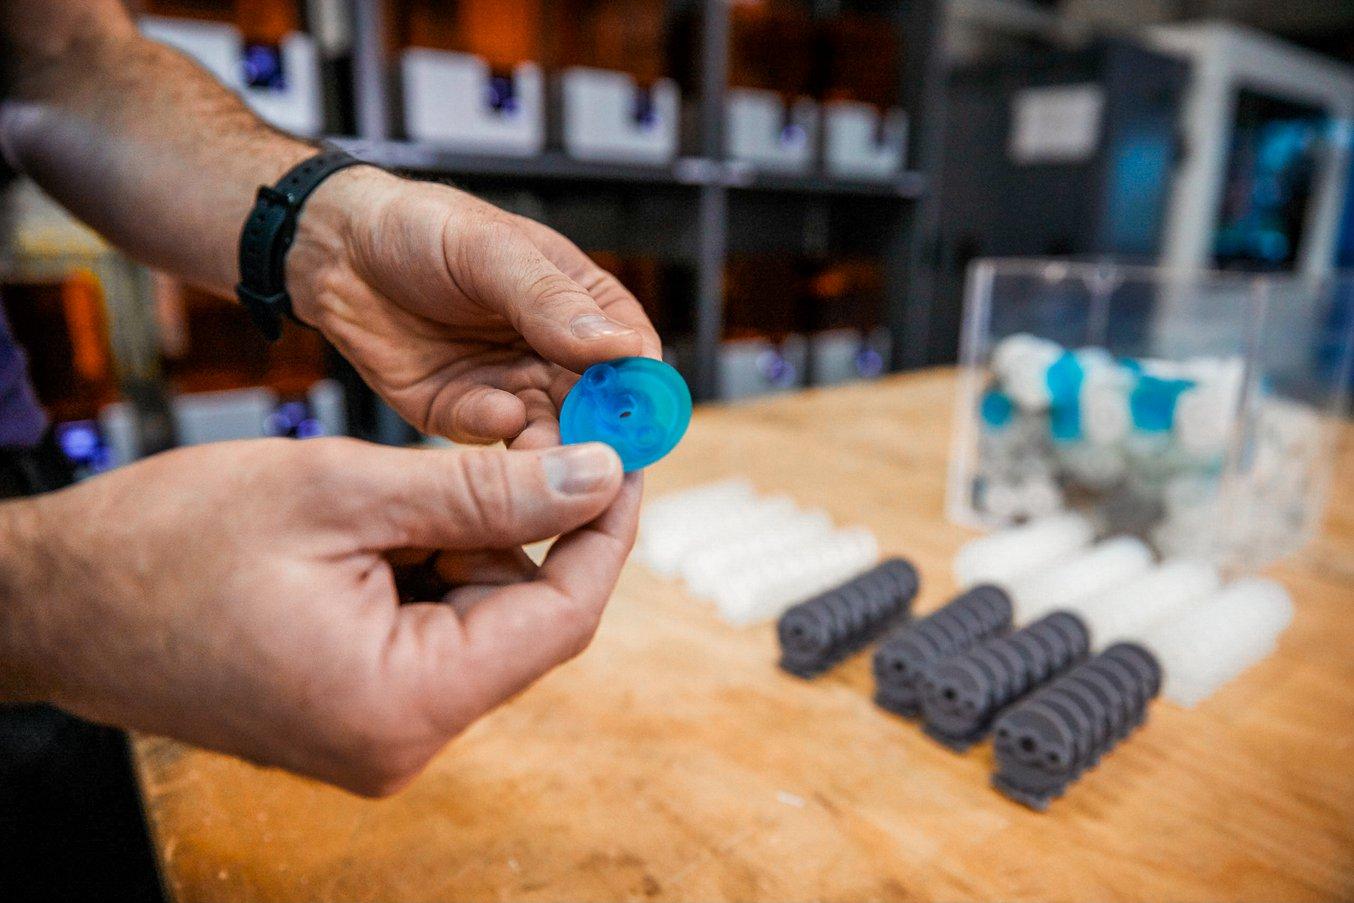 L'AMRC è riuscito a stampare in 3D 500 dei diversi coperchi protettivi in soli due giorni. Inoltre, grazie alla stampa 3D, gli ingegneri hanno potuto inserire delle geometrie nella parte, che hanno stampato a sua volta in 3D all'interno di uno strumento